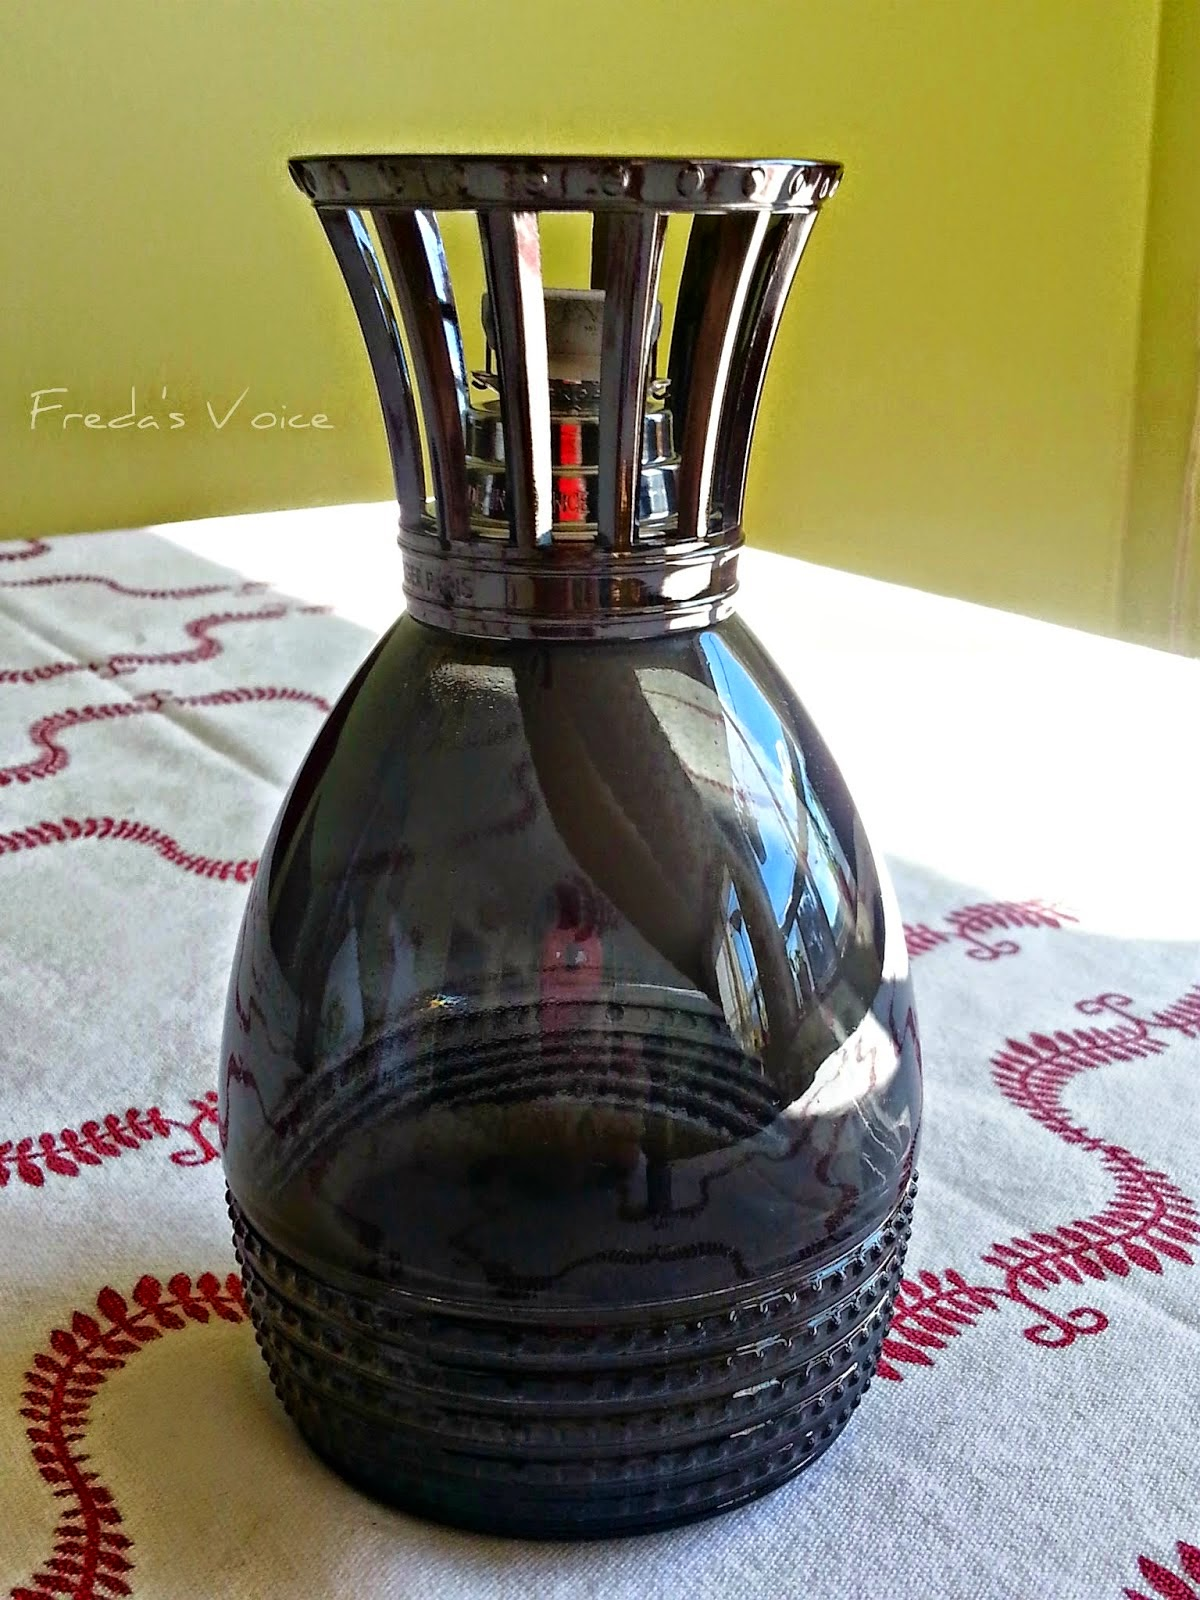 giveaway lampe berger paris holidaygiftguide2014. Black Bedroom Furniture Sets. Home Design Ideas